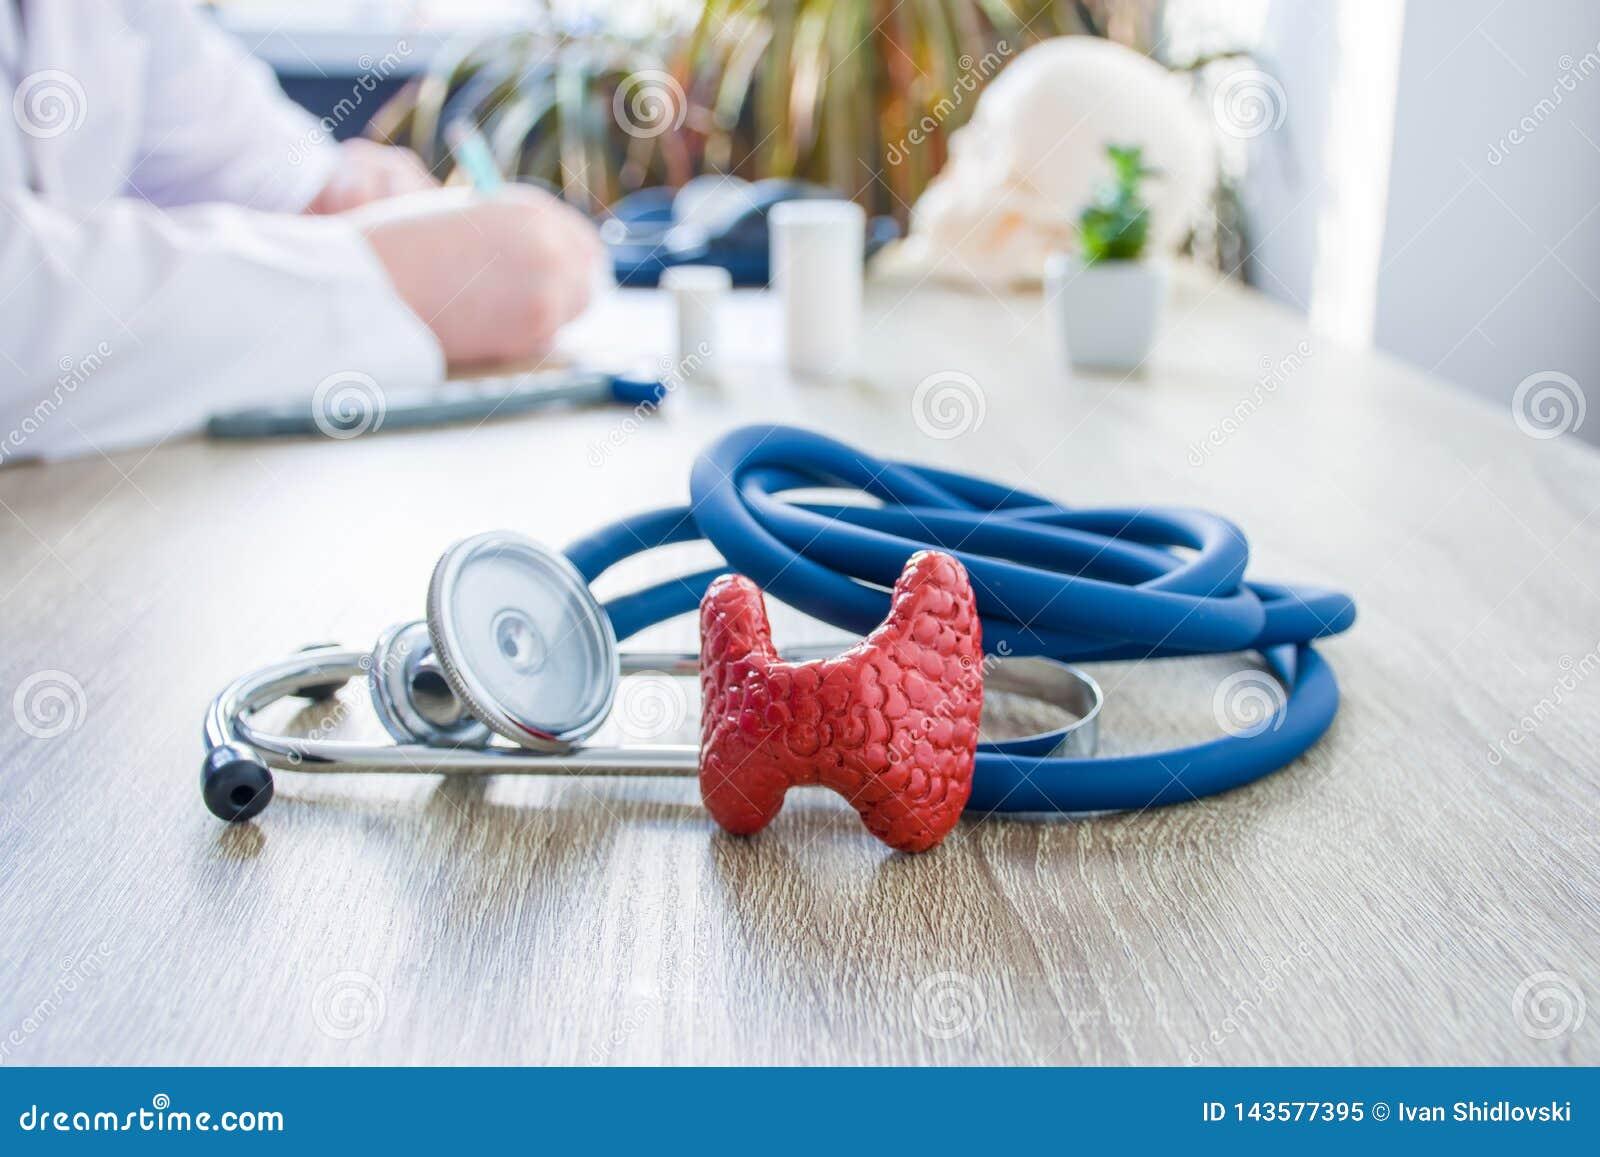 Foto di concetto della diagnosi e del trattamento della tiroide In priorità alta è il modello della ghiandola tiroide vicino allo